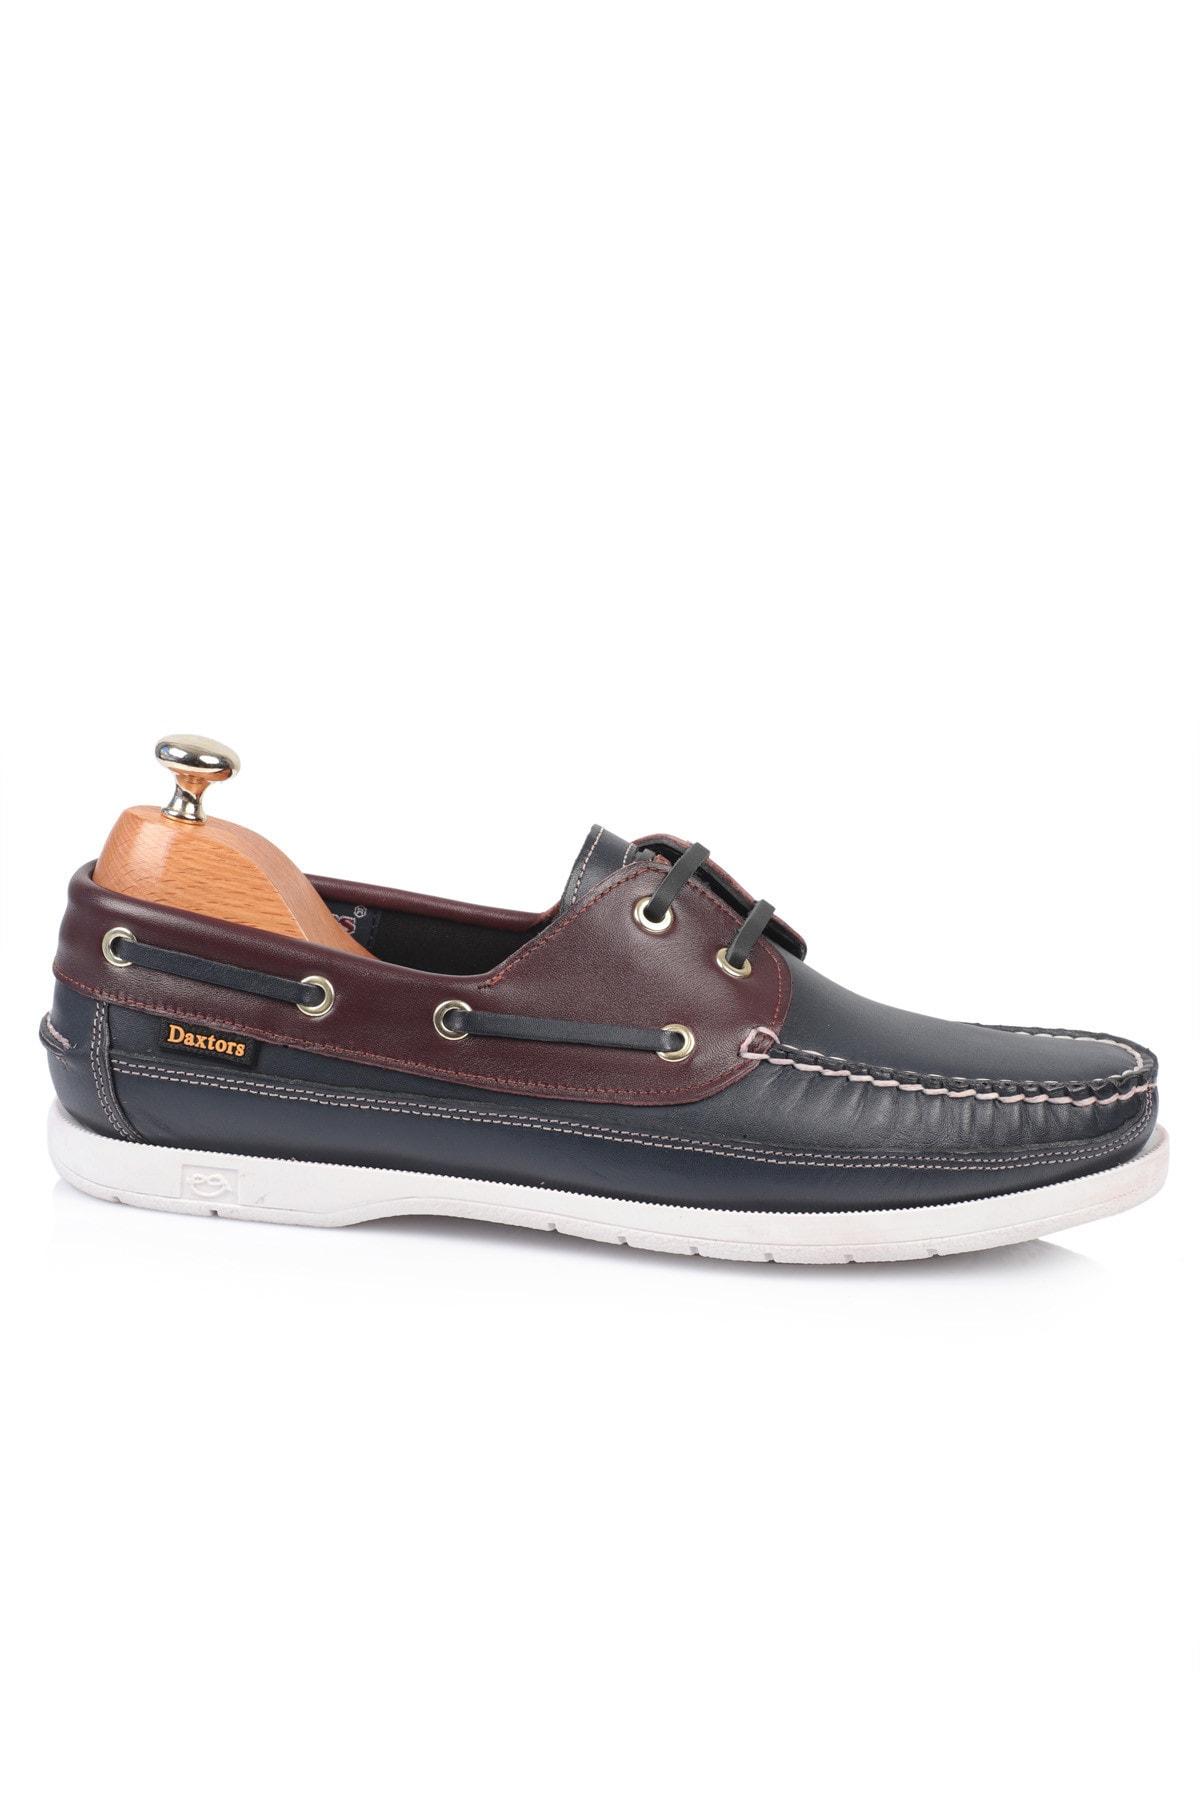 Daxtors D815 Günlük Klasik Hakiki Deri Baba Ayakkabısı 2